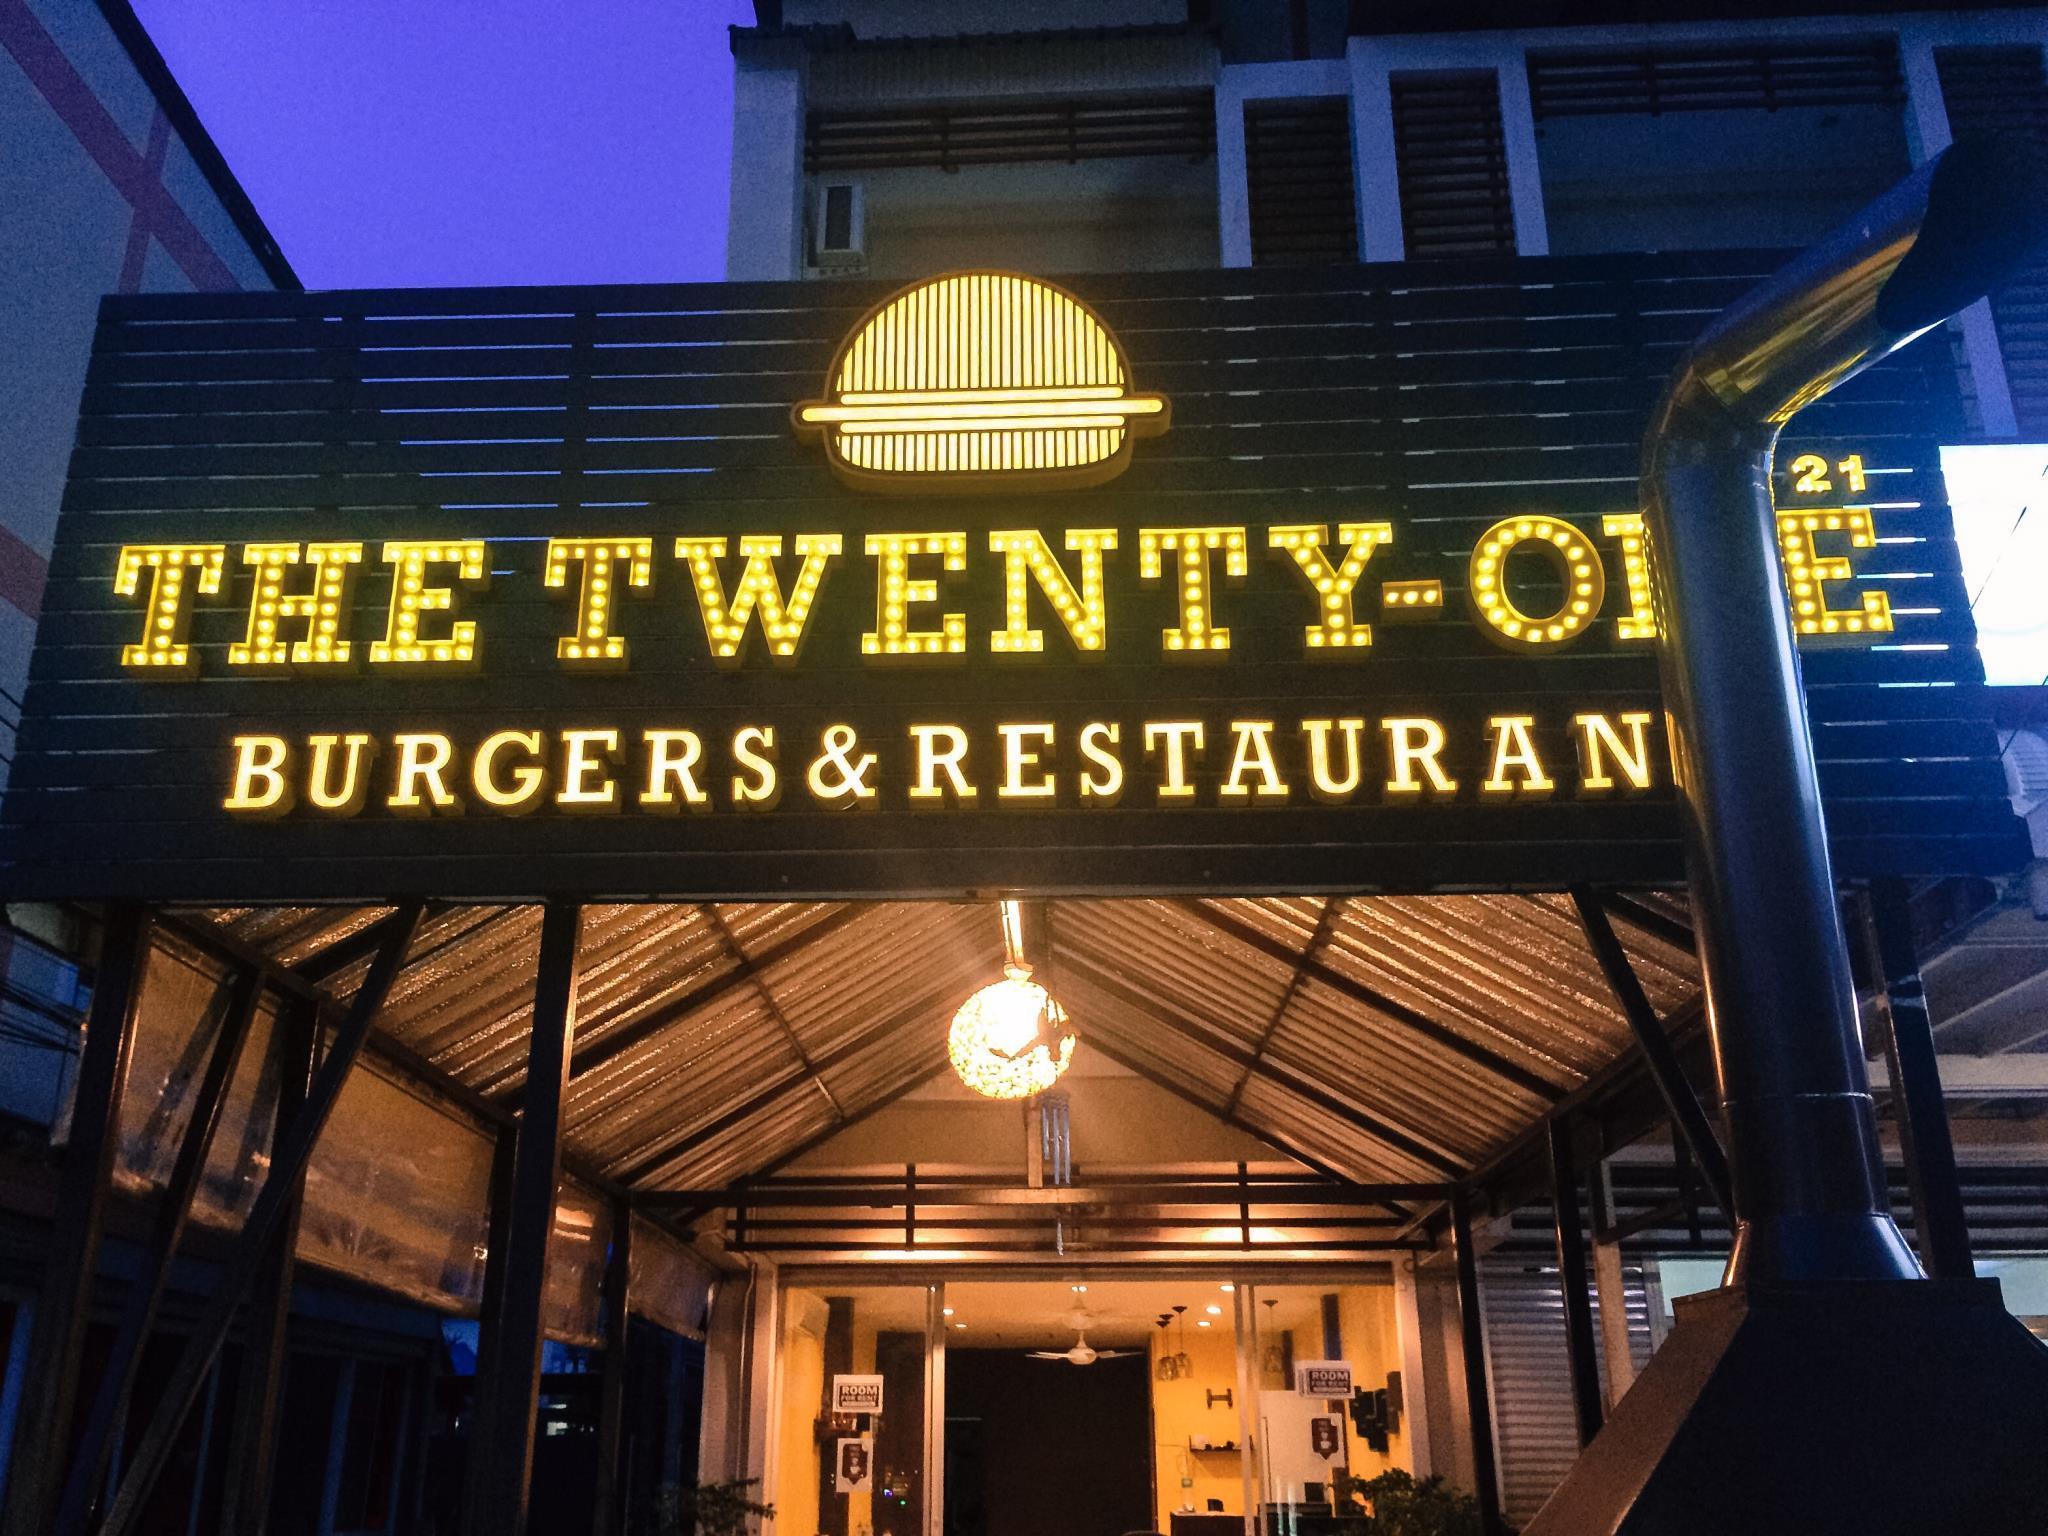 The twenty one burgers เดอะ ทะเวนตี้ วัน เบอร์เกอร์